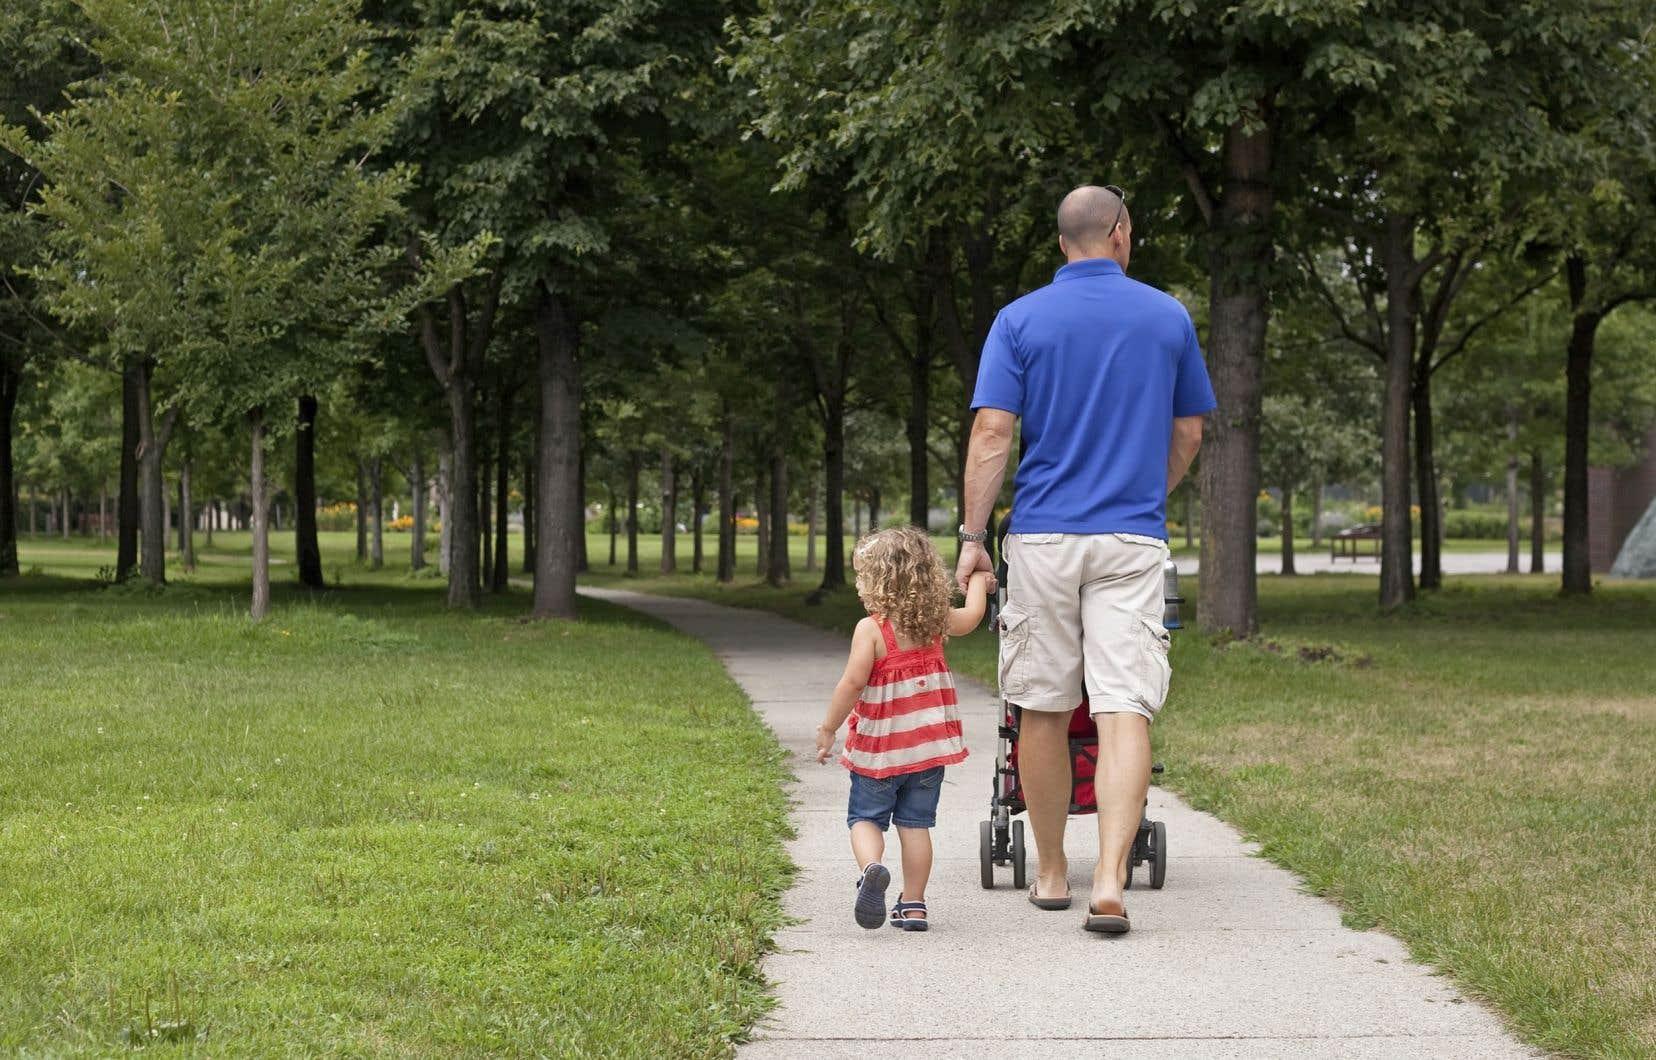 L'Allocation canadienne pour enfants est un montant non imposable versé chaque mois pour aider les parents à subvenir aux besoins de leurs enfants de moins de 18ans.